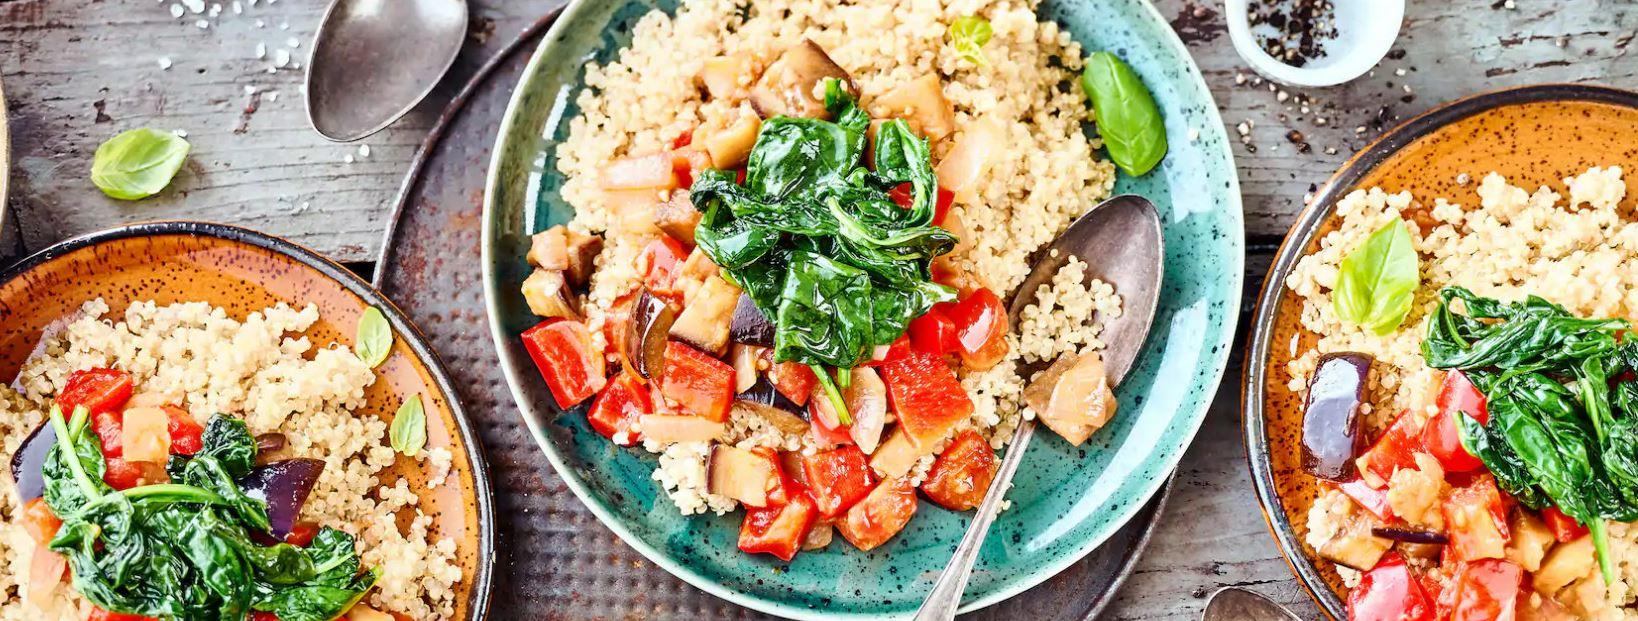 Quinoa-Ratatouille-Rezept